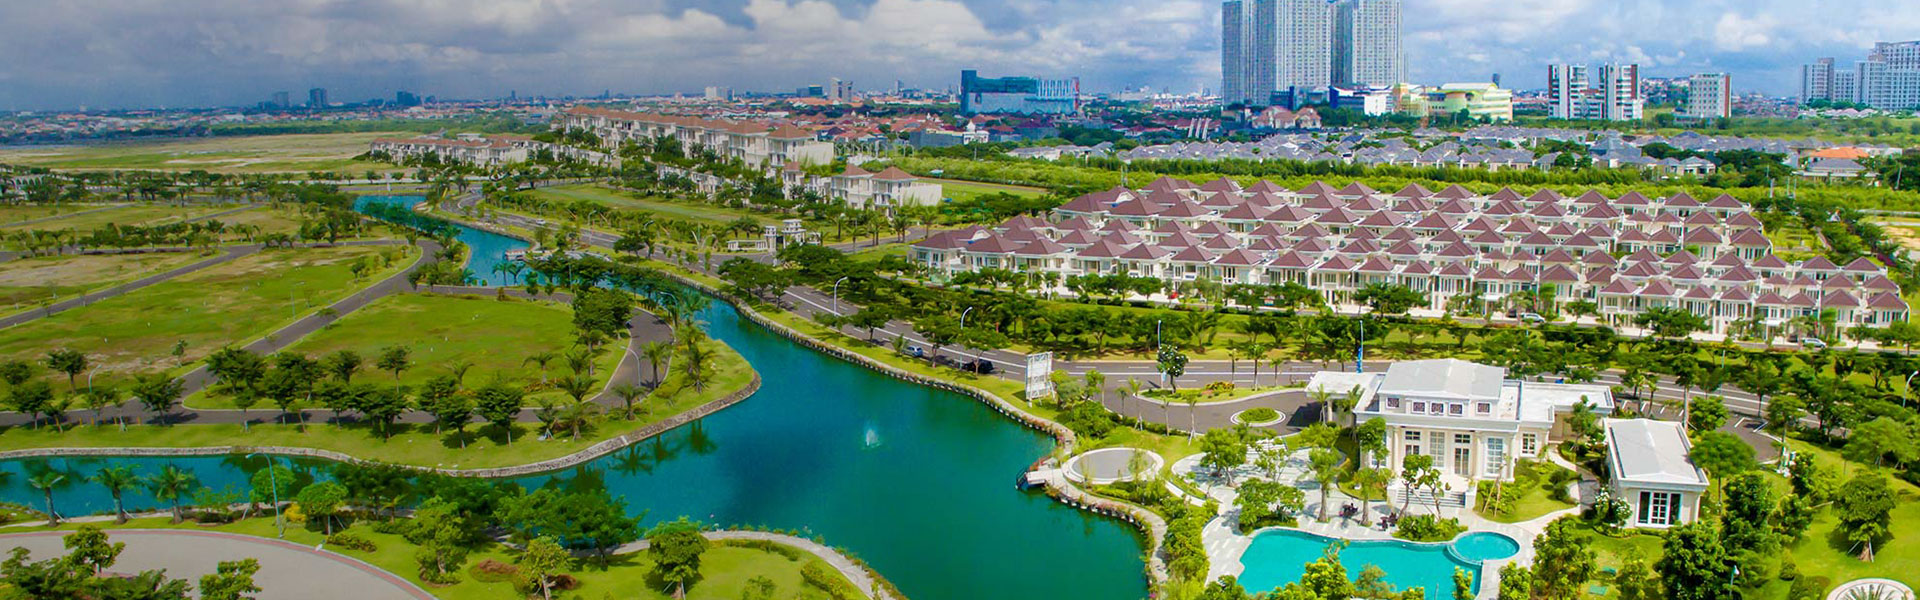 03-pkw-properties-residential